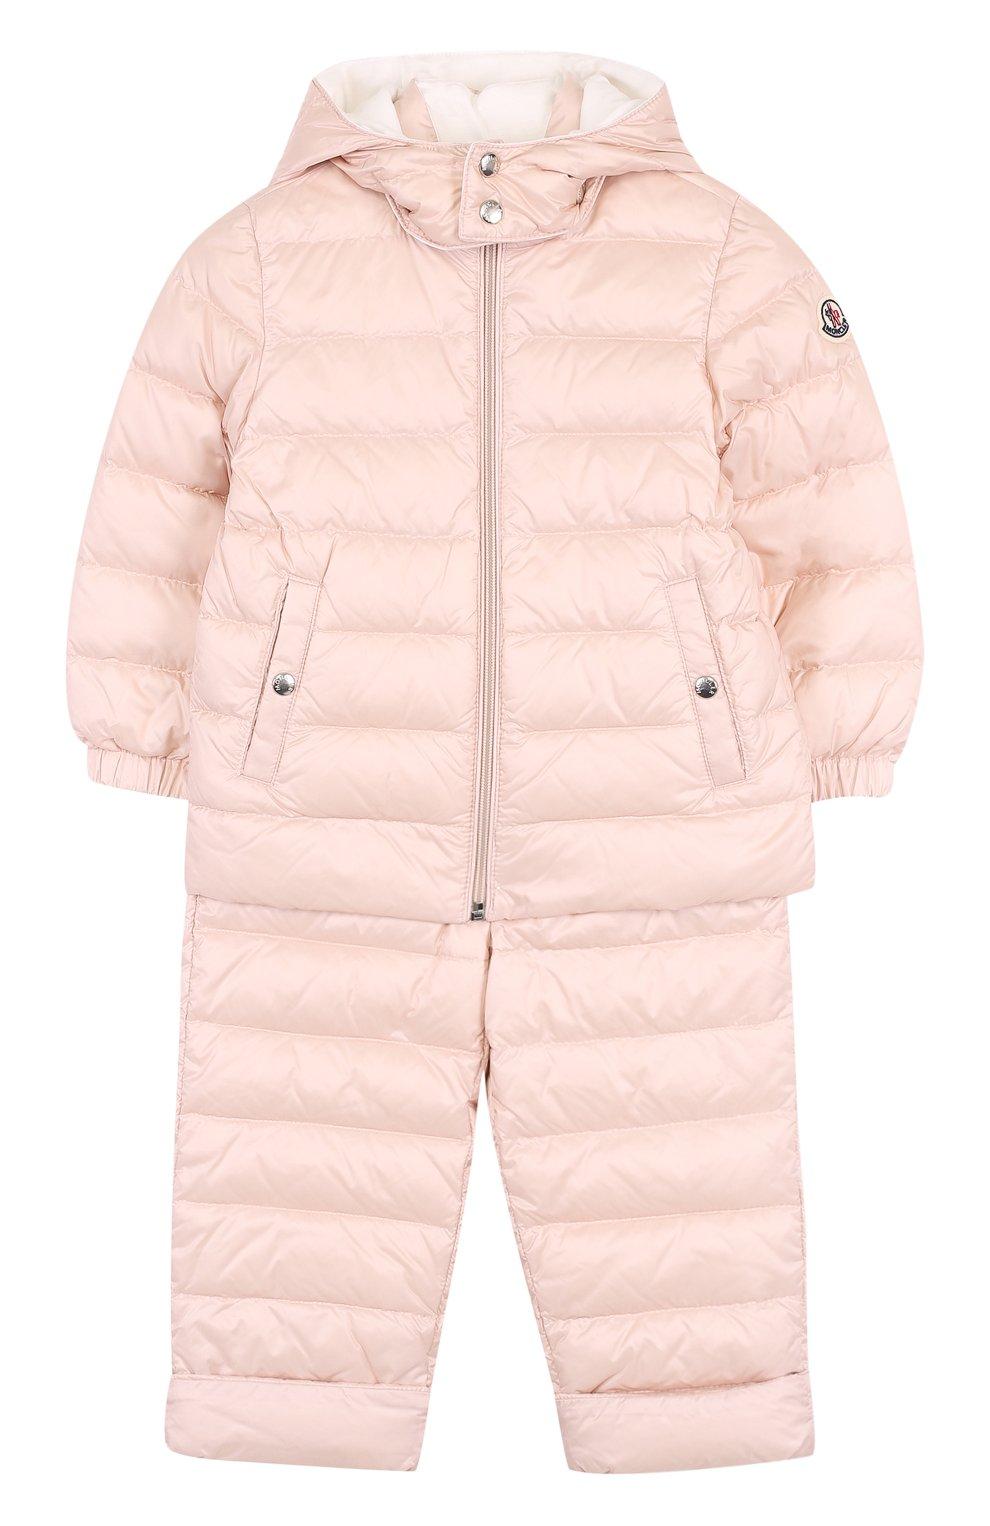 Детский пуховый комплект из куртки и комбинезона MONCLER ENFANT светло-розового цвета, арт. D1-951-70340-05-53048 | Фото 1